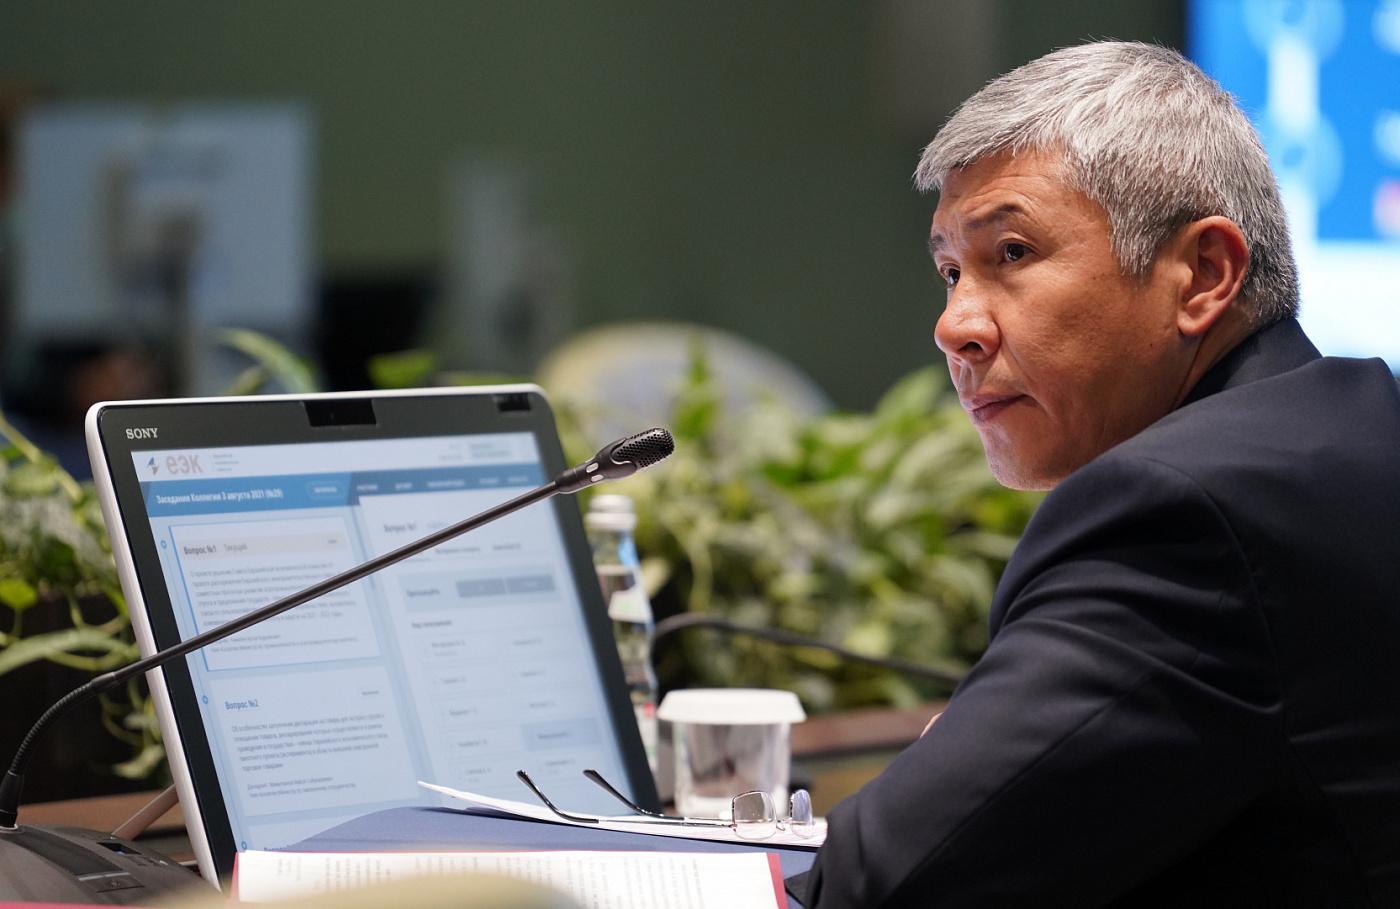 В ЕАЭС утверждены документы для реализации пилотного проекта в области внешней электронной торговли